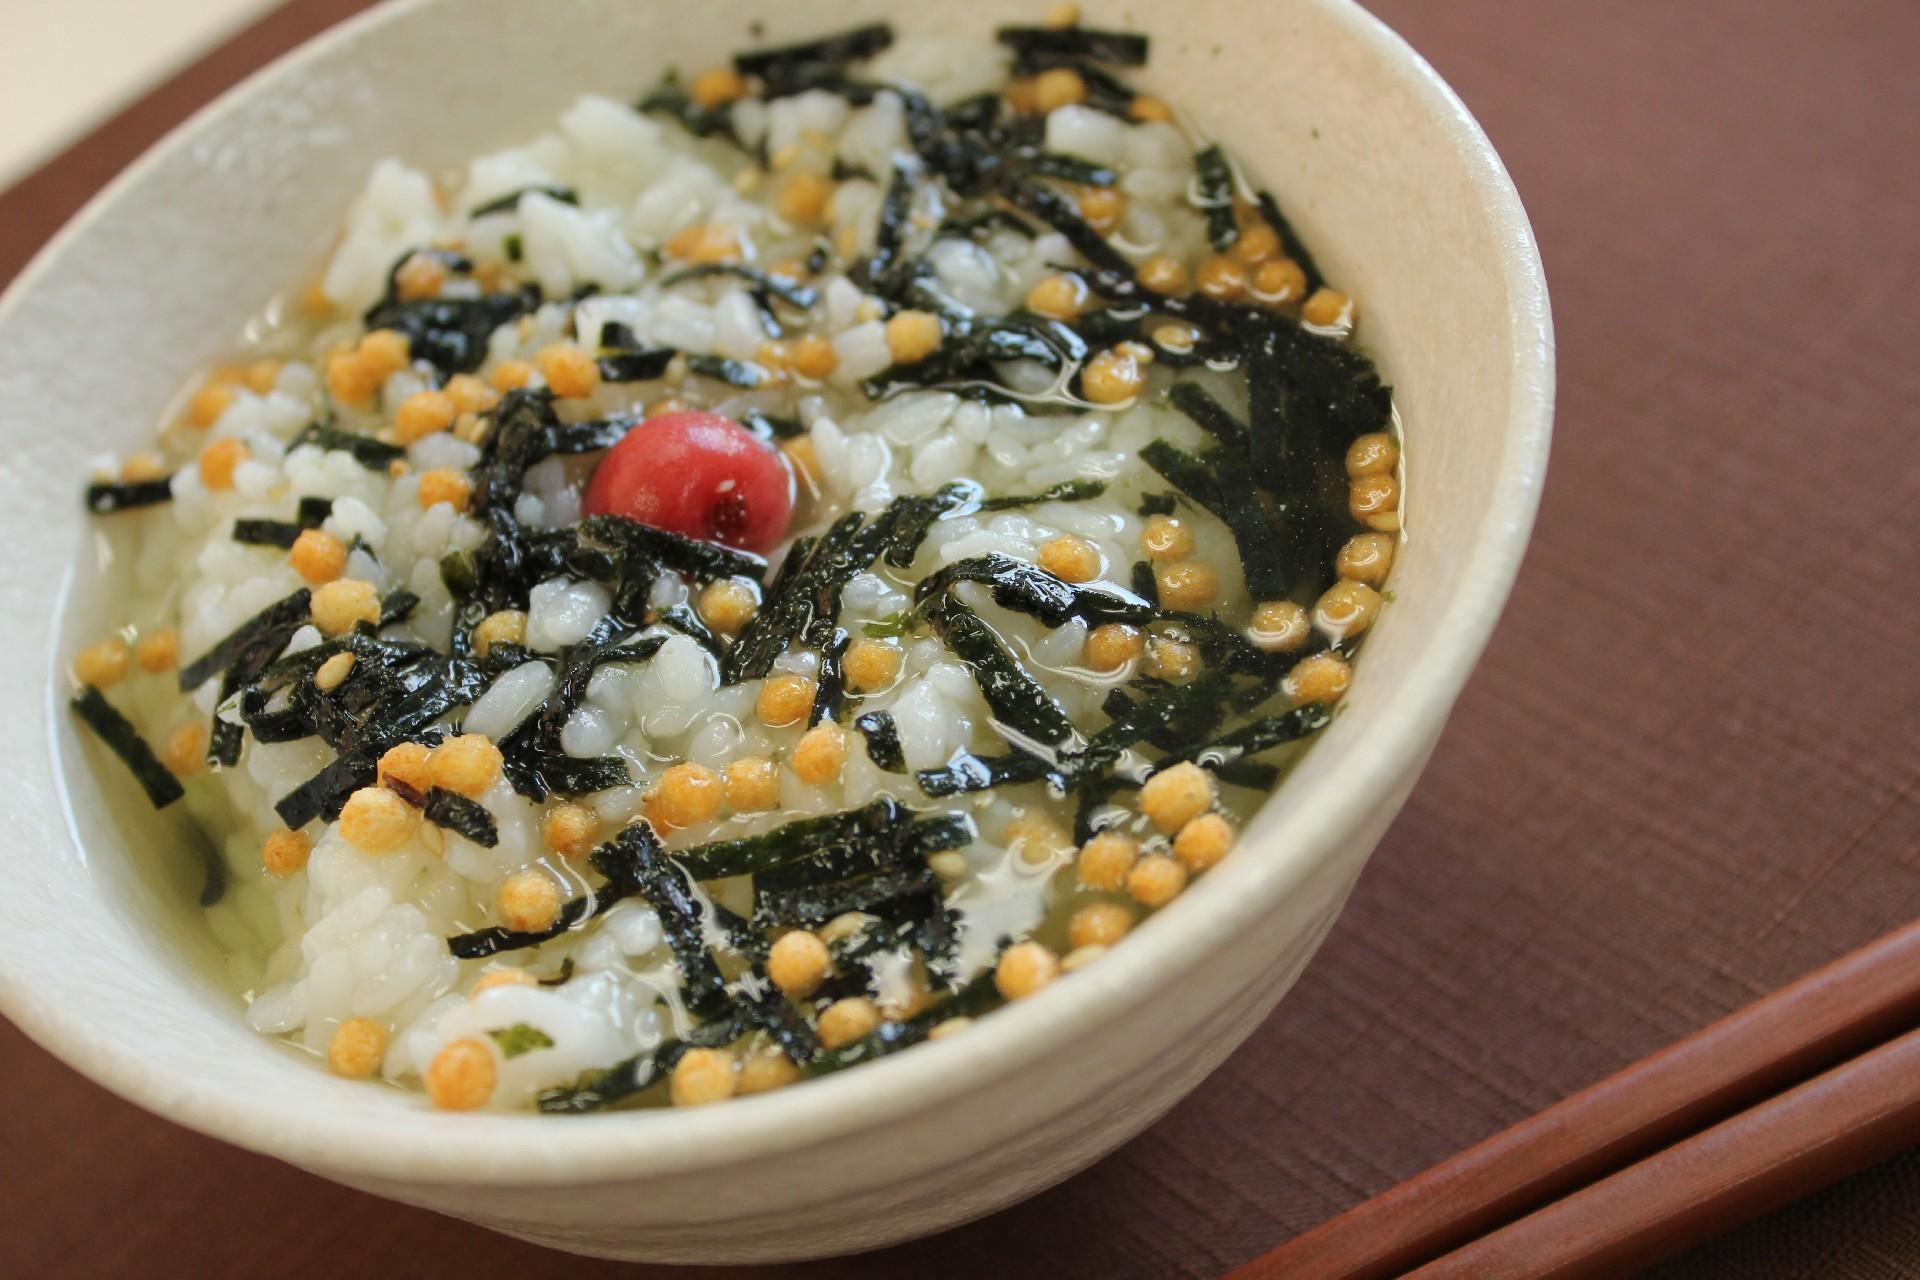 ご飯に2度も汁をかけ、父を嘆かせた北条氏政 哲舟の「偉人は食から作られる!」 VOL.10